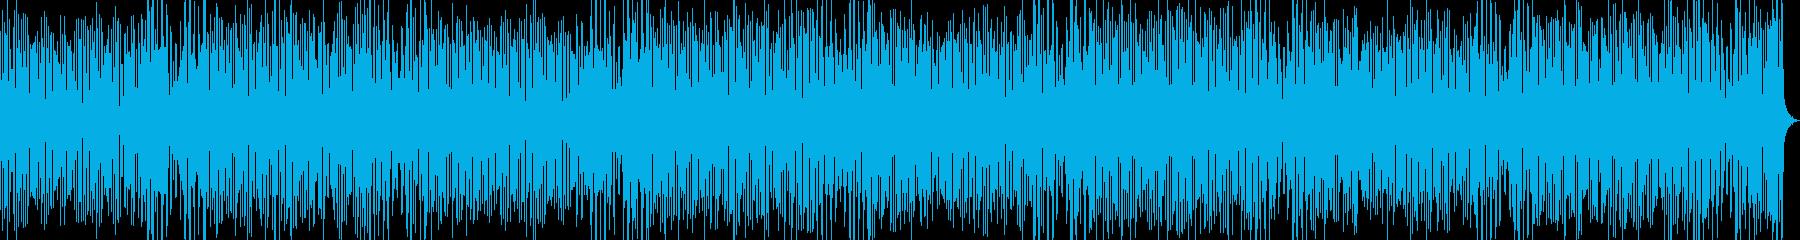 陽気な和風ゲーム曲の再生済みの波形